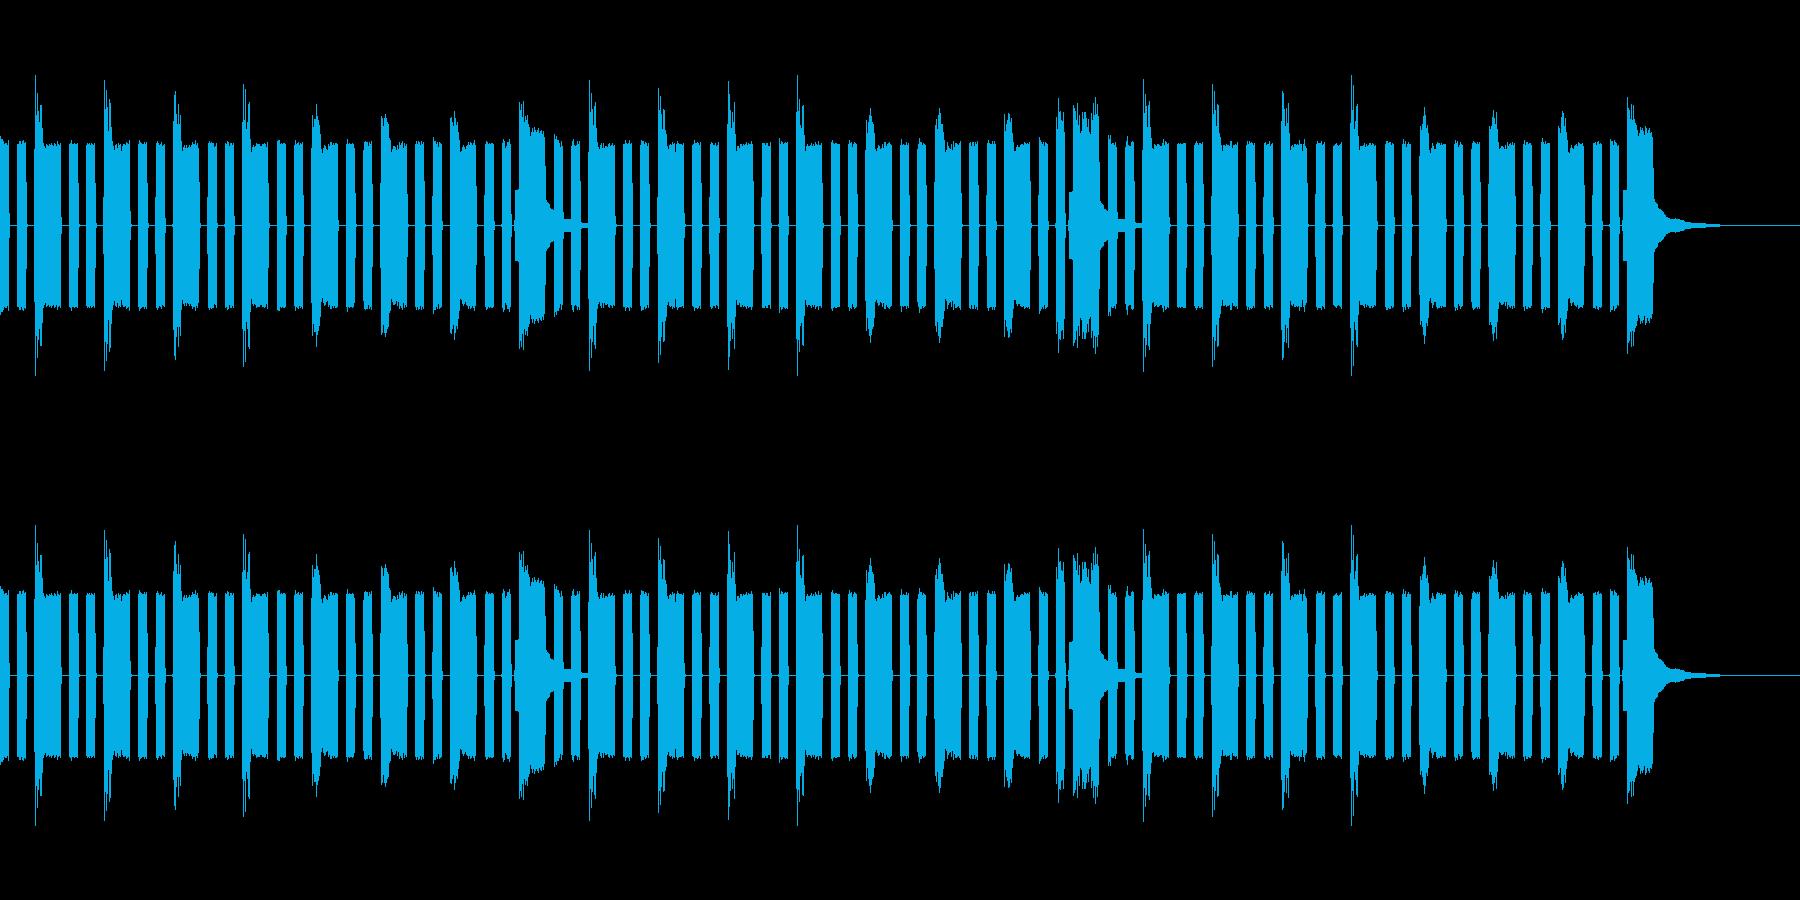 チップチューン風ループの再生済みの波形